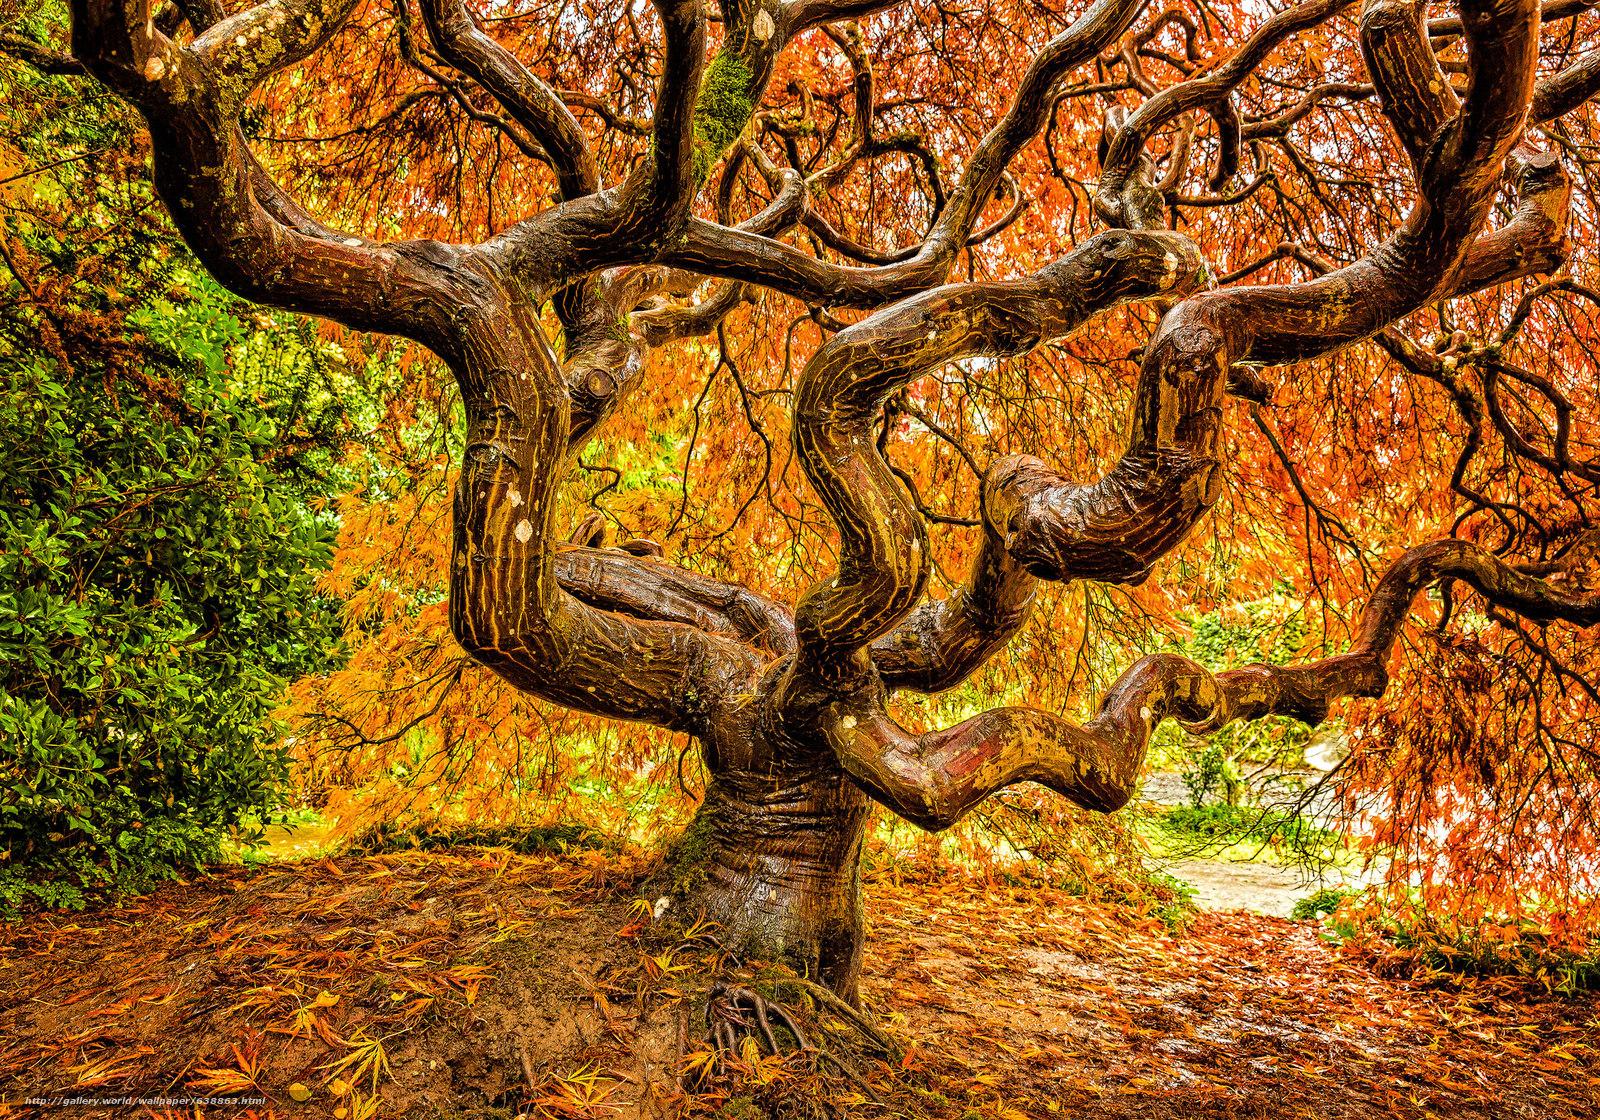 Download wallpaper Kubota Garden, Seattle, garden, park.derevo free ...